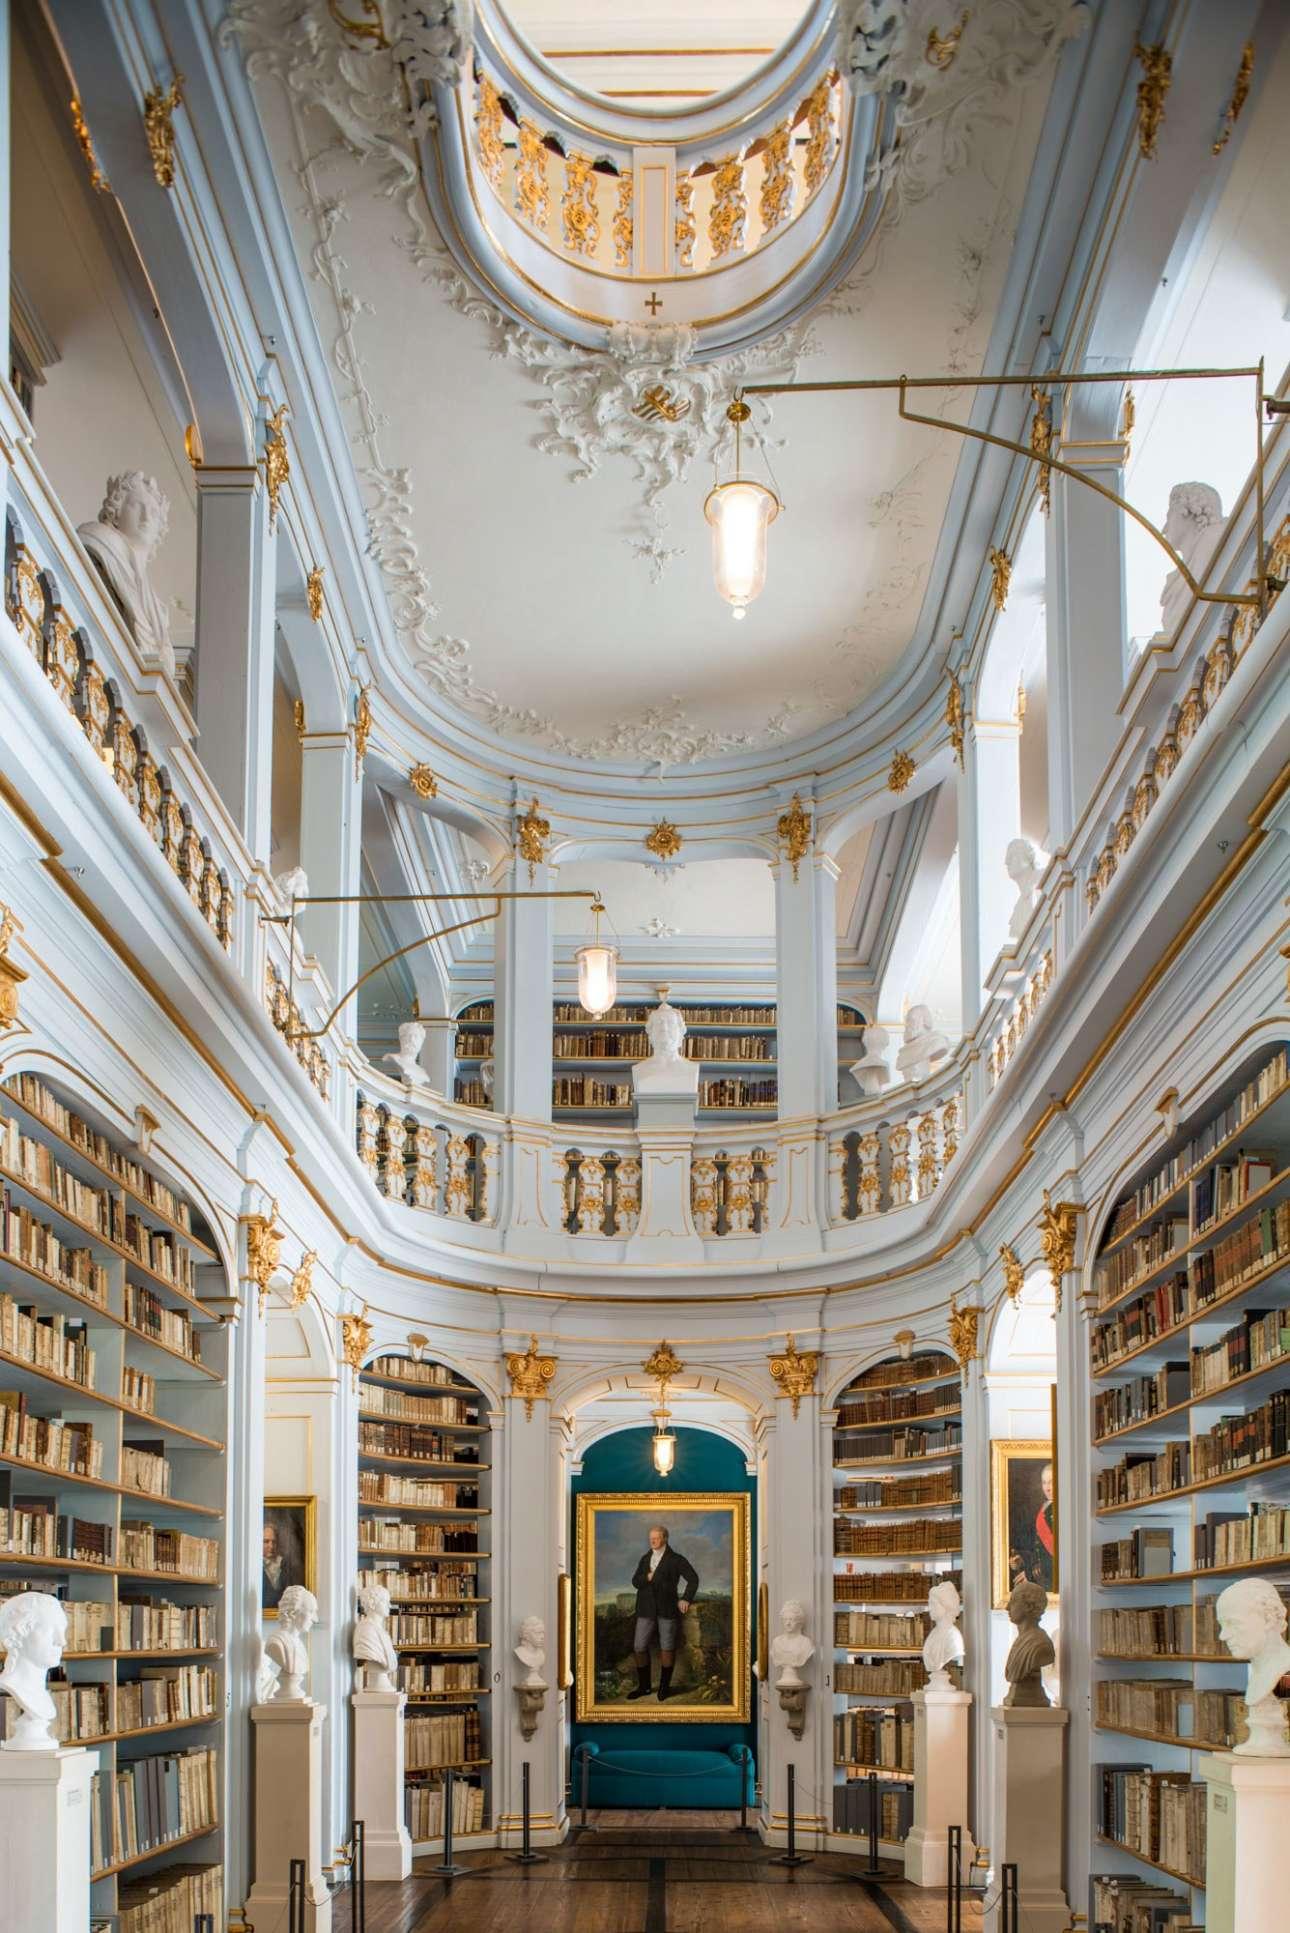 Η Βιβλιοθήκη «Δούκισσα Αννα Αμάλια» της Βαϊμάρης χρονολογείται στον 16ο αιώνα και ήταν από τις πρώτες βιβλιοθήκες της Γερμανίας που άνοιξε τις πόρτες στο κοινό